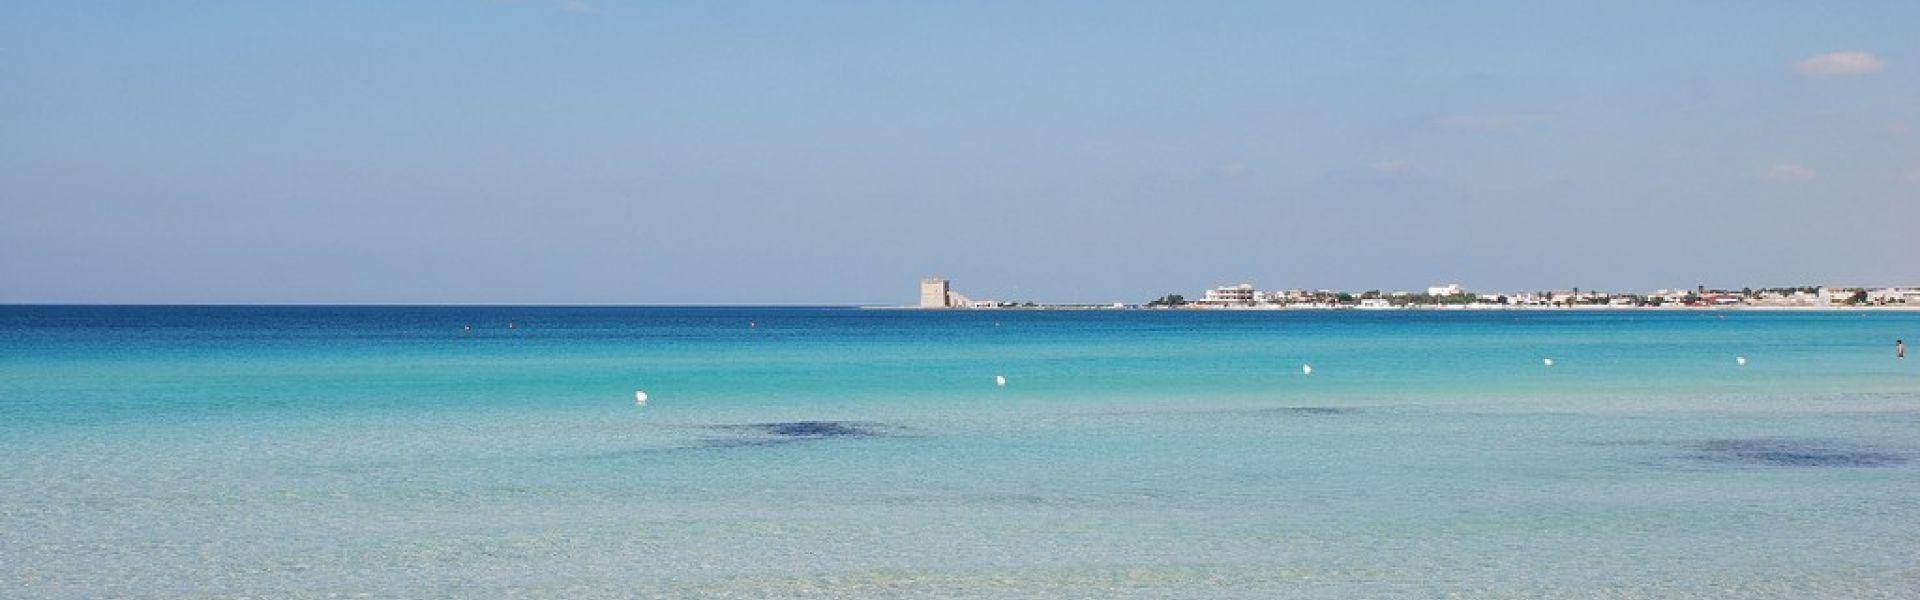 Apulien Karte Strände.Die Schönsten Strände In Apulien Italia Solaris